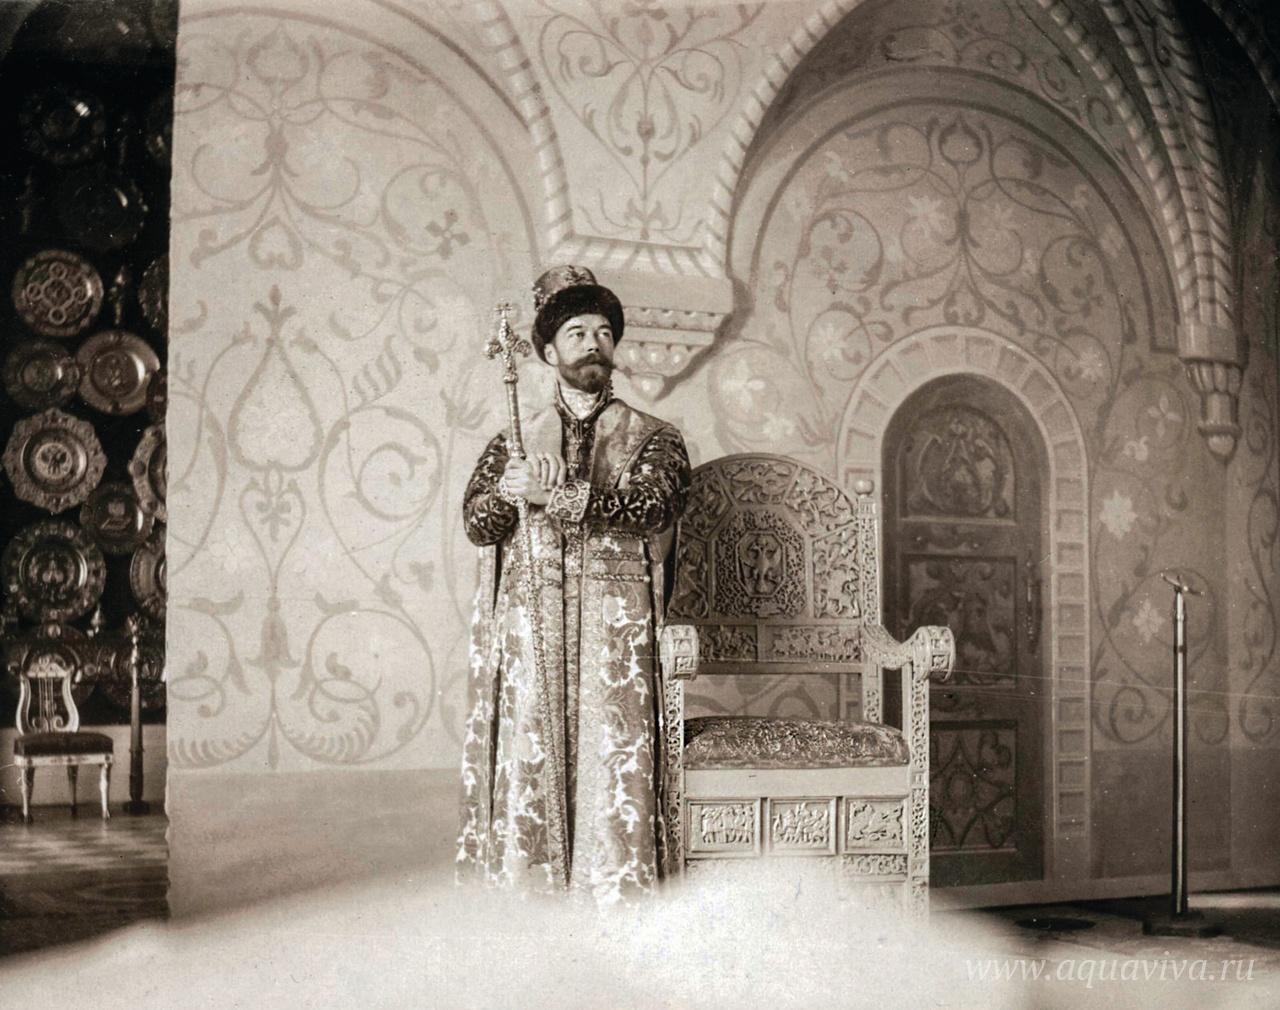 Николай II в костюме царя Алексея Михайловича во время знаменитого костюмированного бала в Зимнем дворце 11 и 13 февраля 1903 года. На этом балу вся знать Российской империи присутствовала в костюмах допетровского времени.